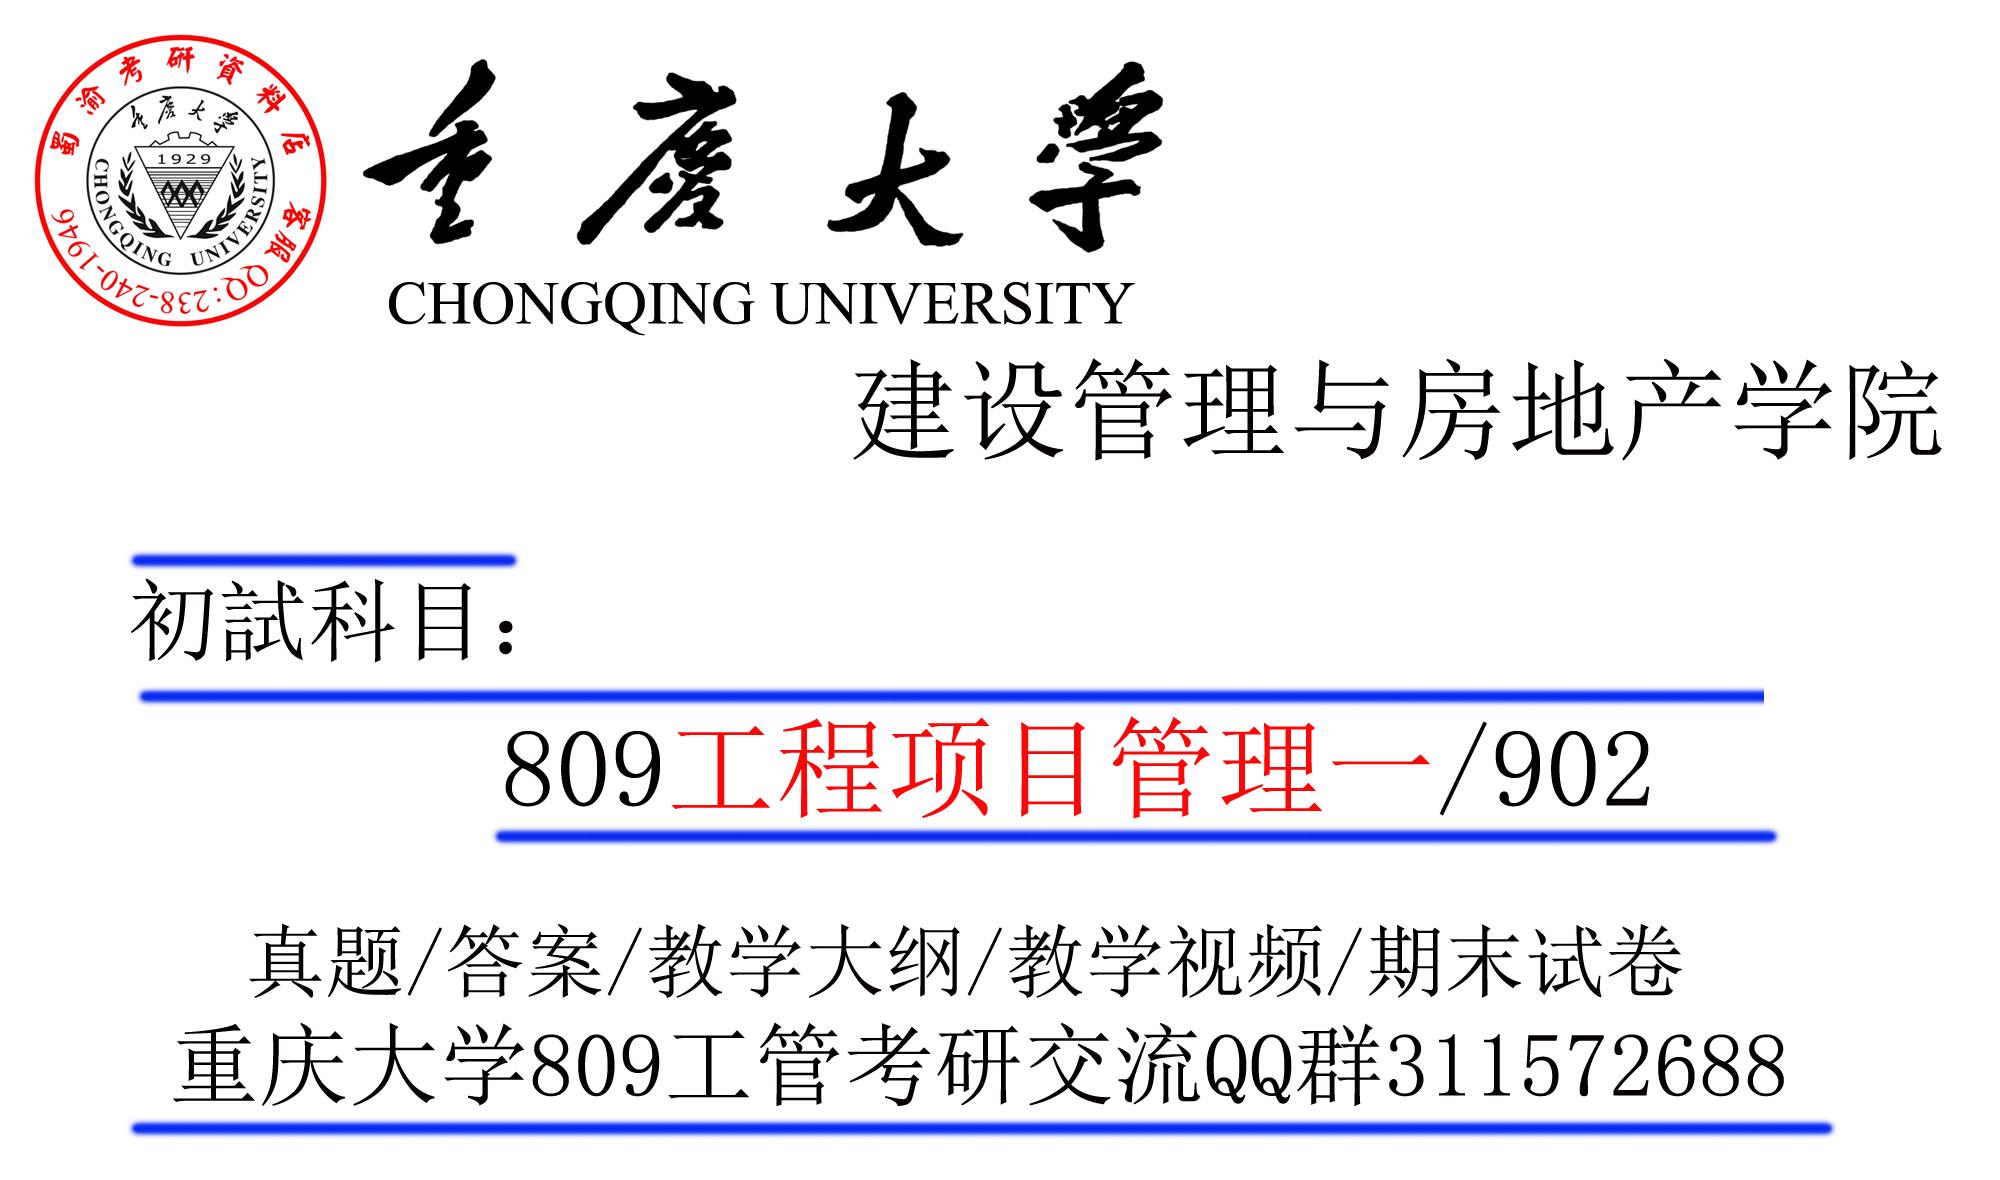 重庆大学 809/902工程项目管理